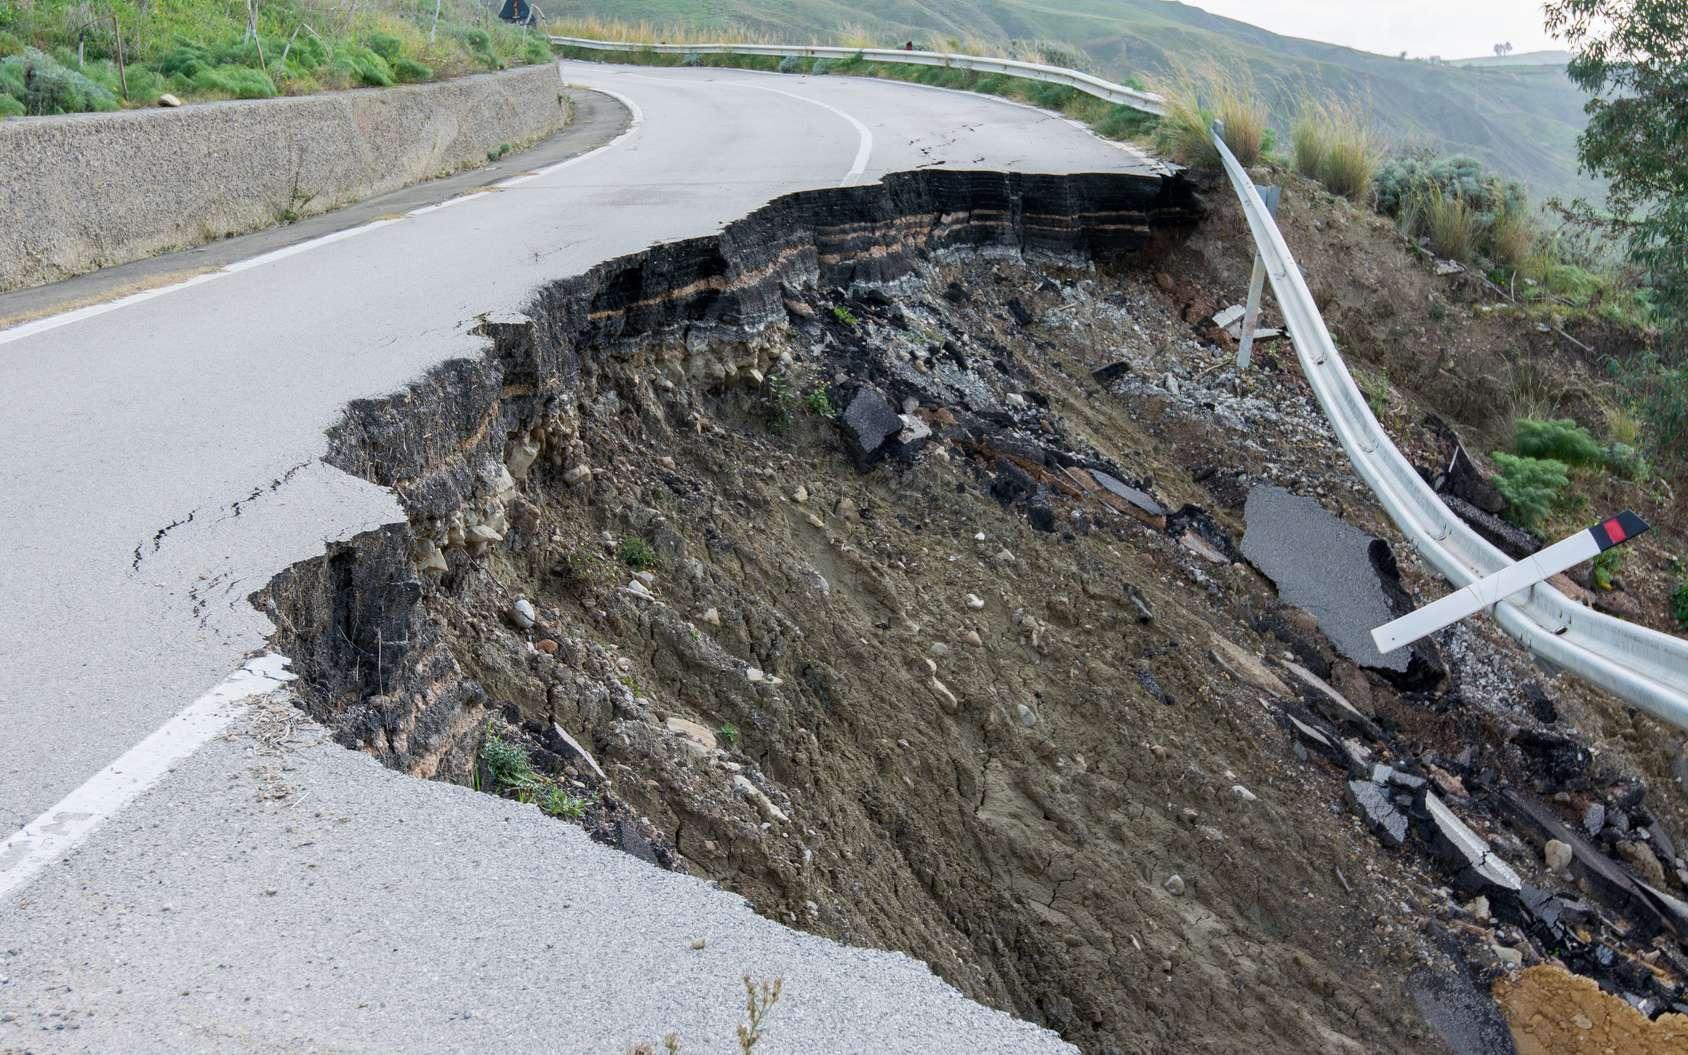 L'intelligence artificielle peut-elle prédire les séismes ? Ici, l'effet d'un tremblement de terre sur une route. © puckillustrations, Fotolia